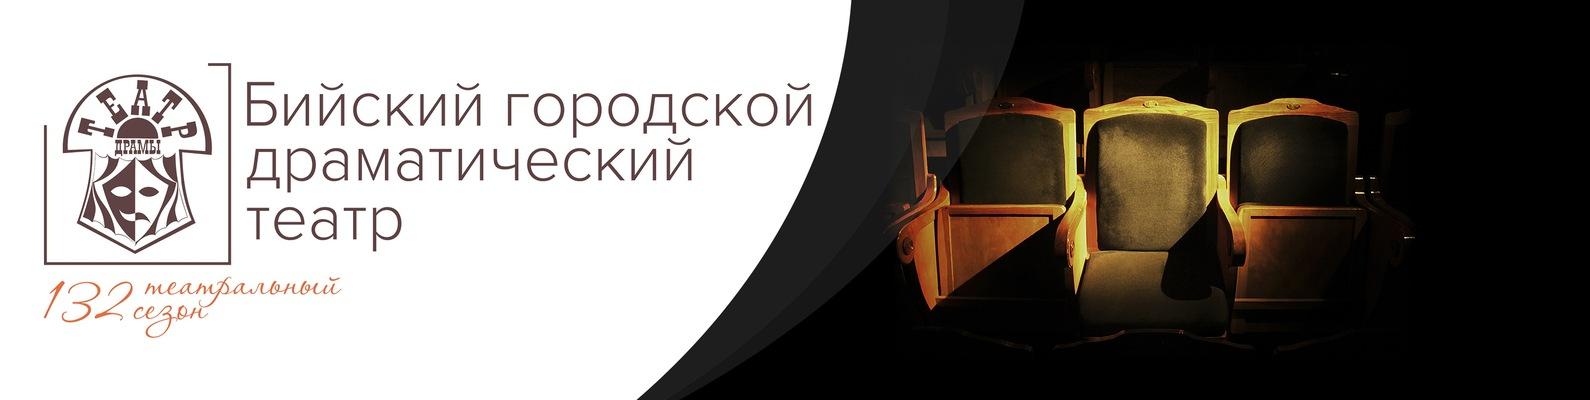 Афиша бийского театра билеты в театр с доставкой в саратове